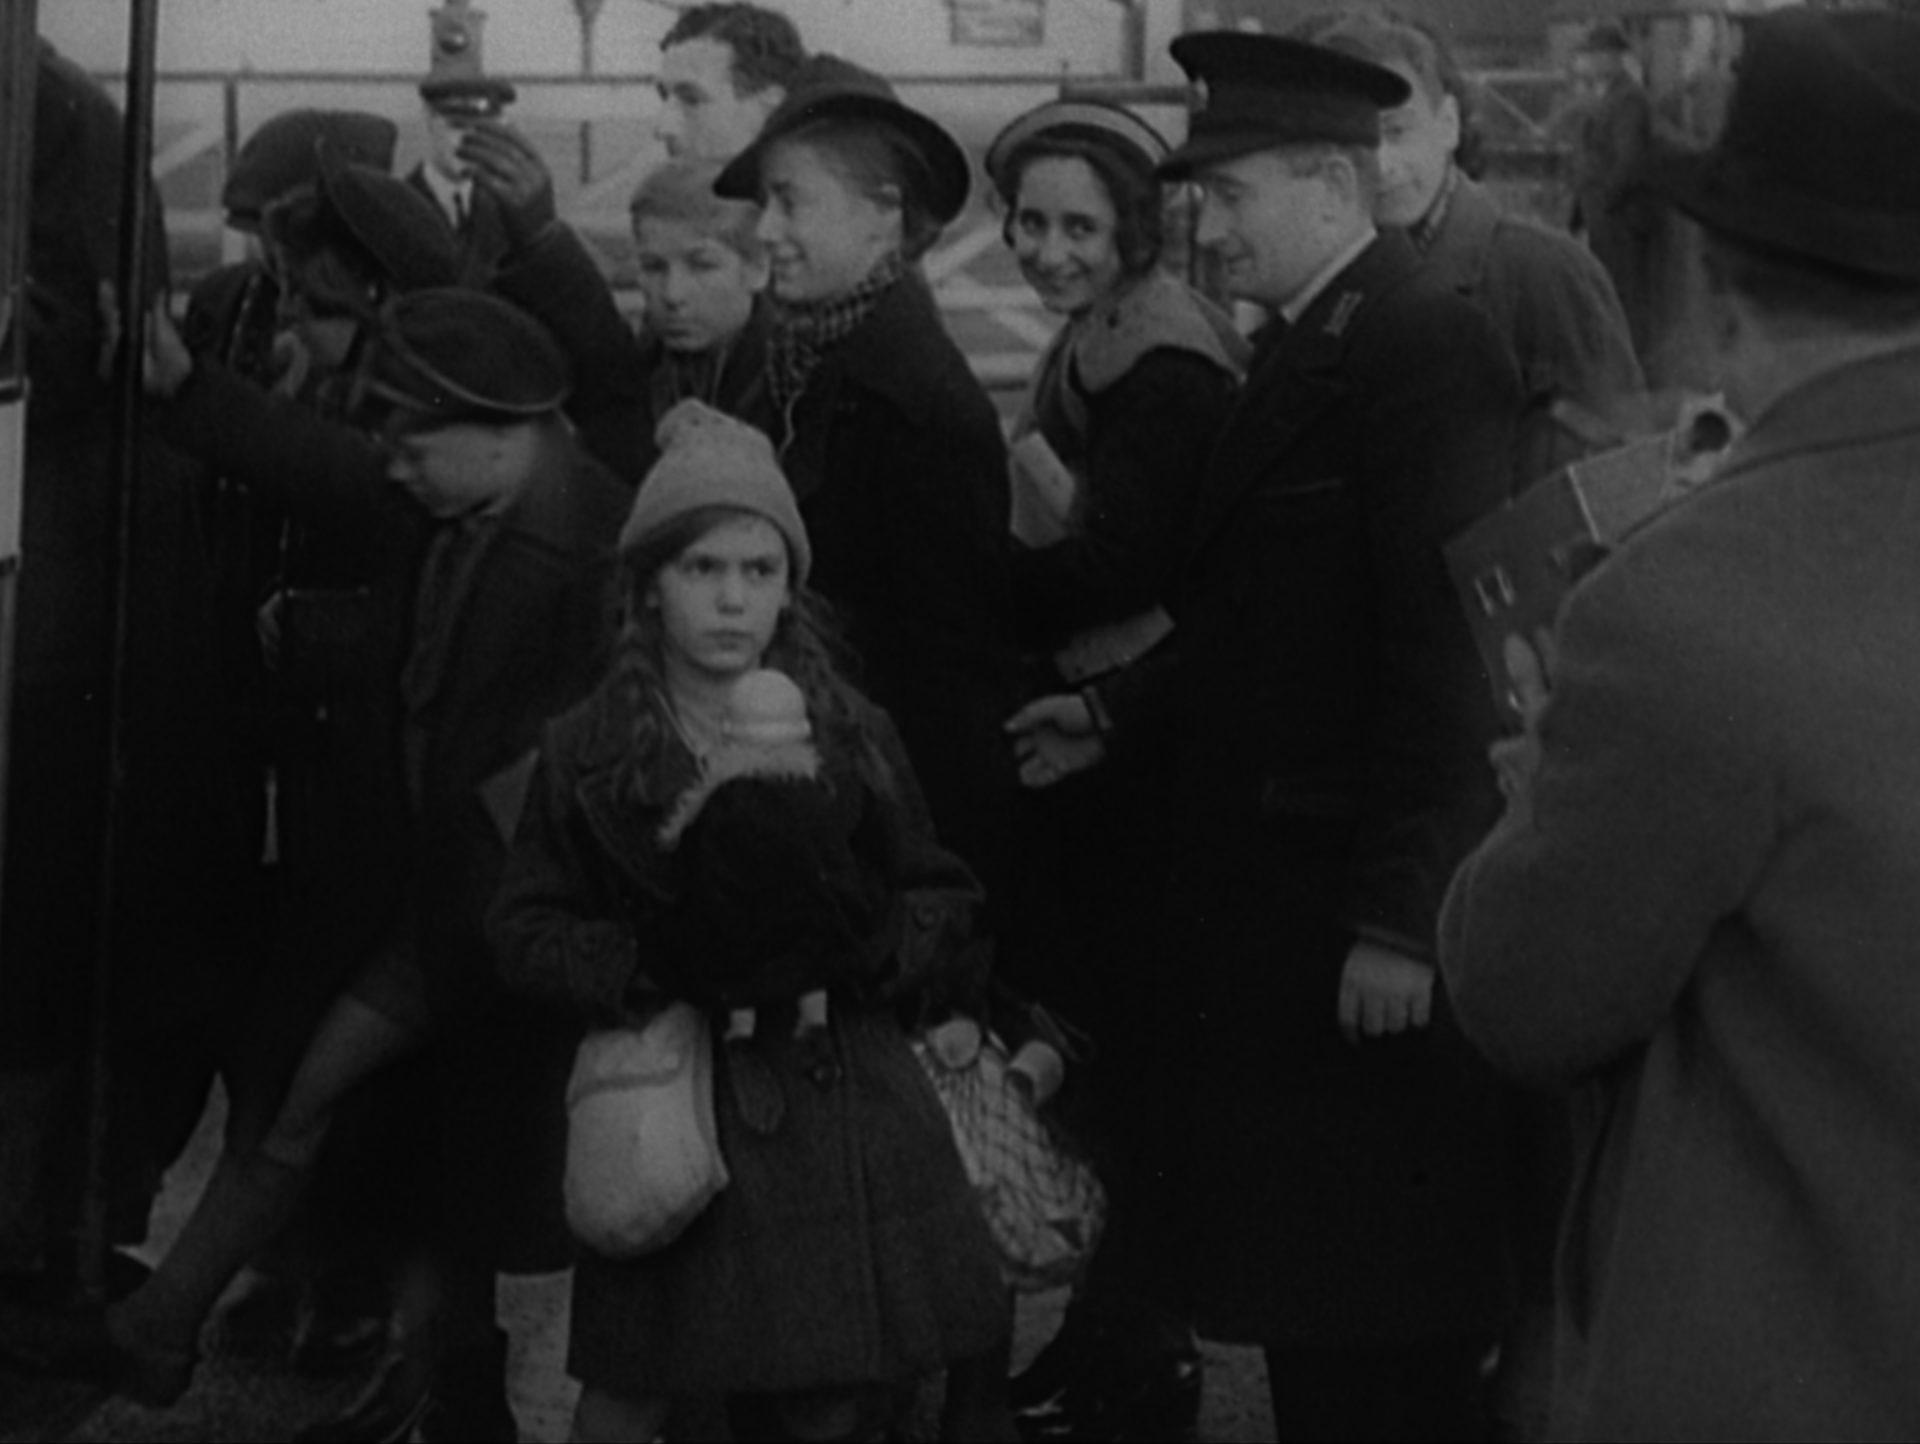 Kinder-Transport 1938. German Jewish Children reach England